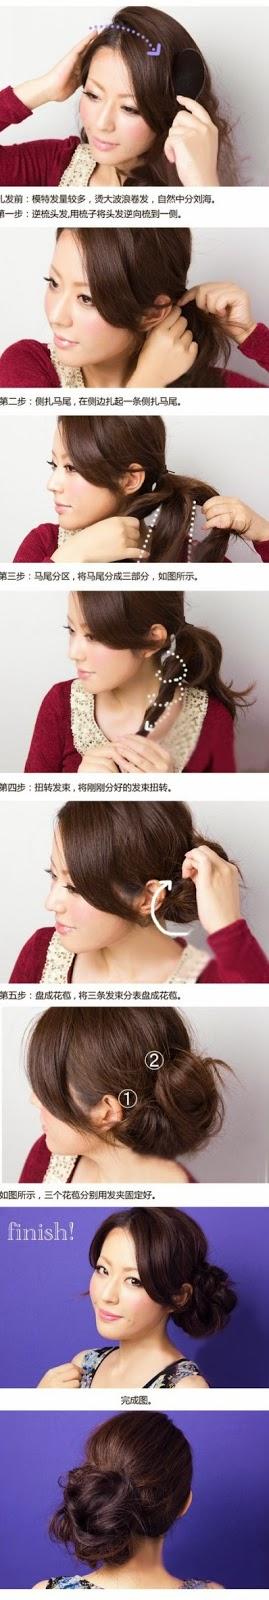 gaya penataan rambut wanita untuk pesta